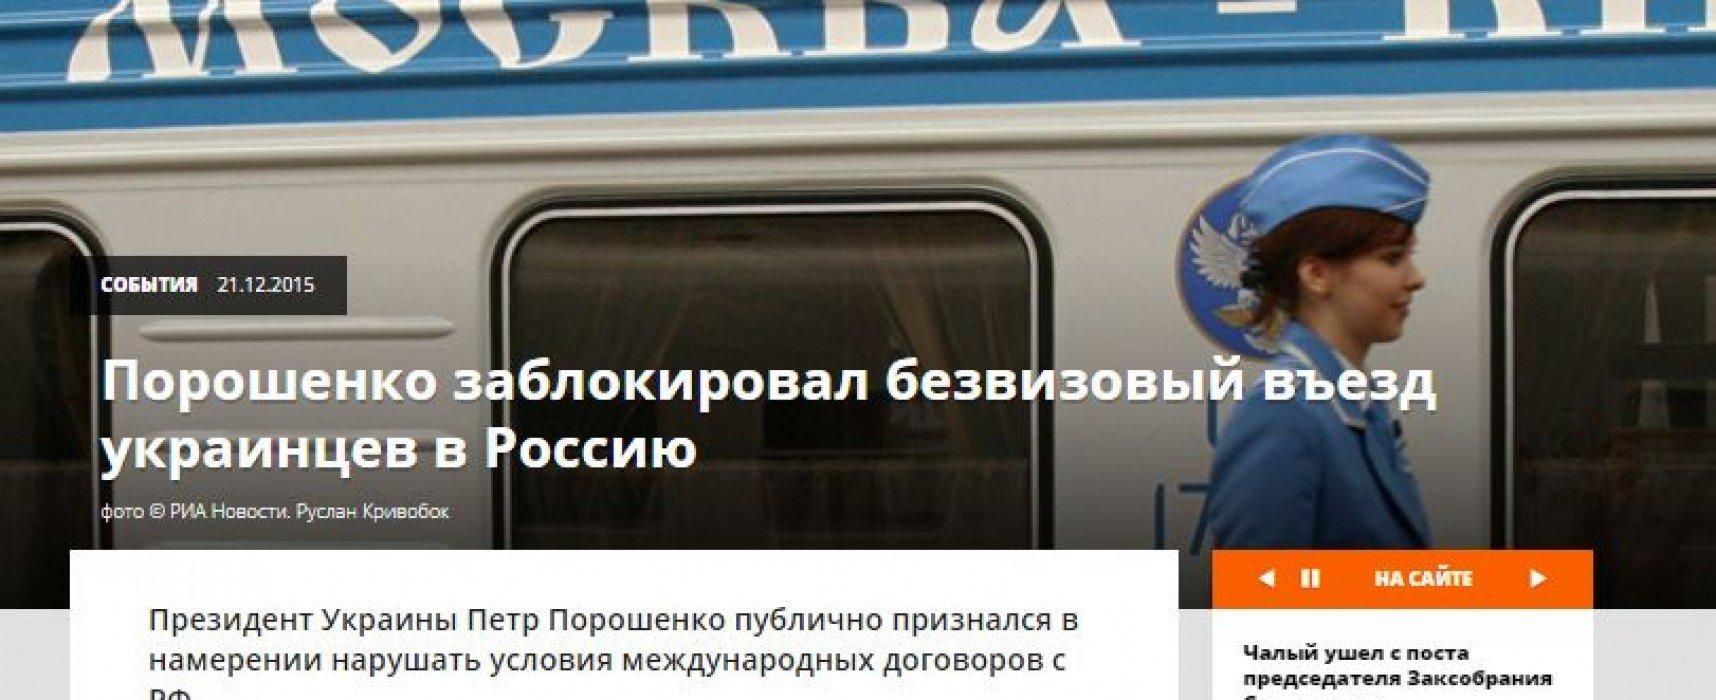 Fake: Poroshenko plans to block visa free entry of Ukrainians to Russia